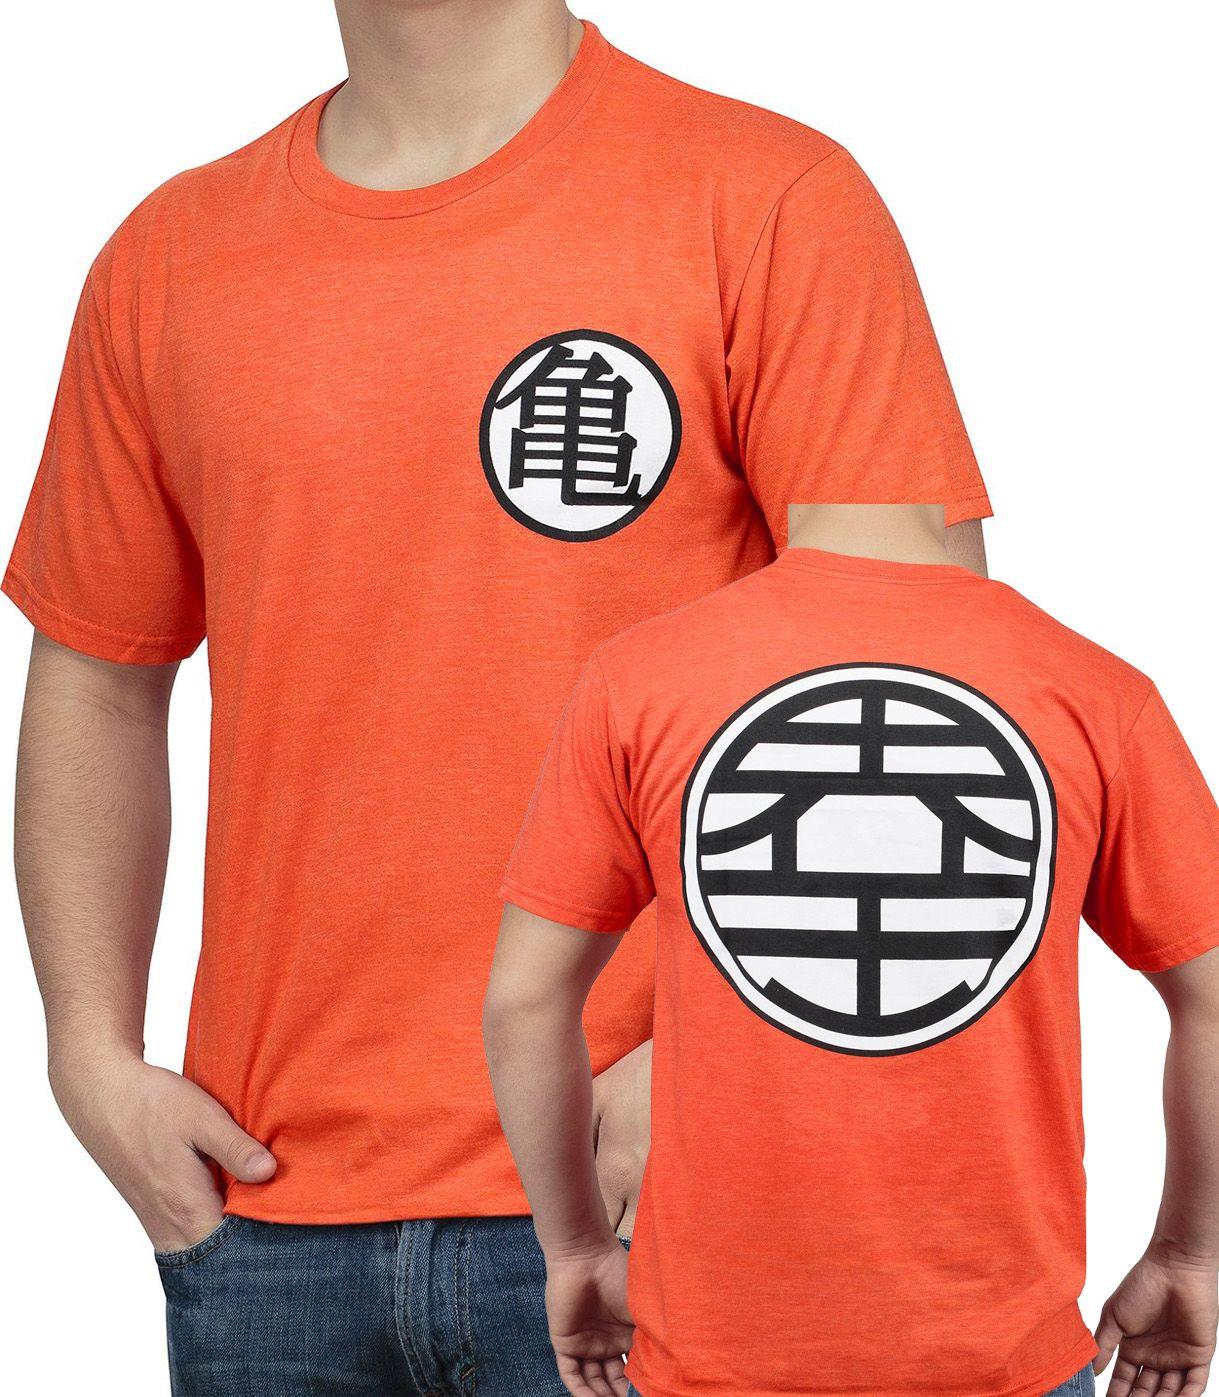 Dragon Ball Z Classic Kanji Symbols T Shirts 4 Types Balls Clothes Goku T Shirt Black Shirt